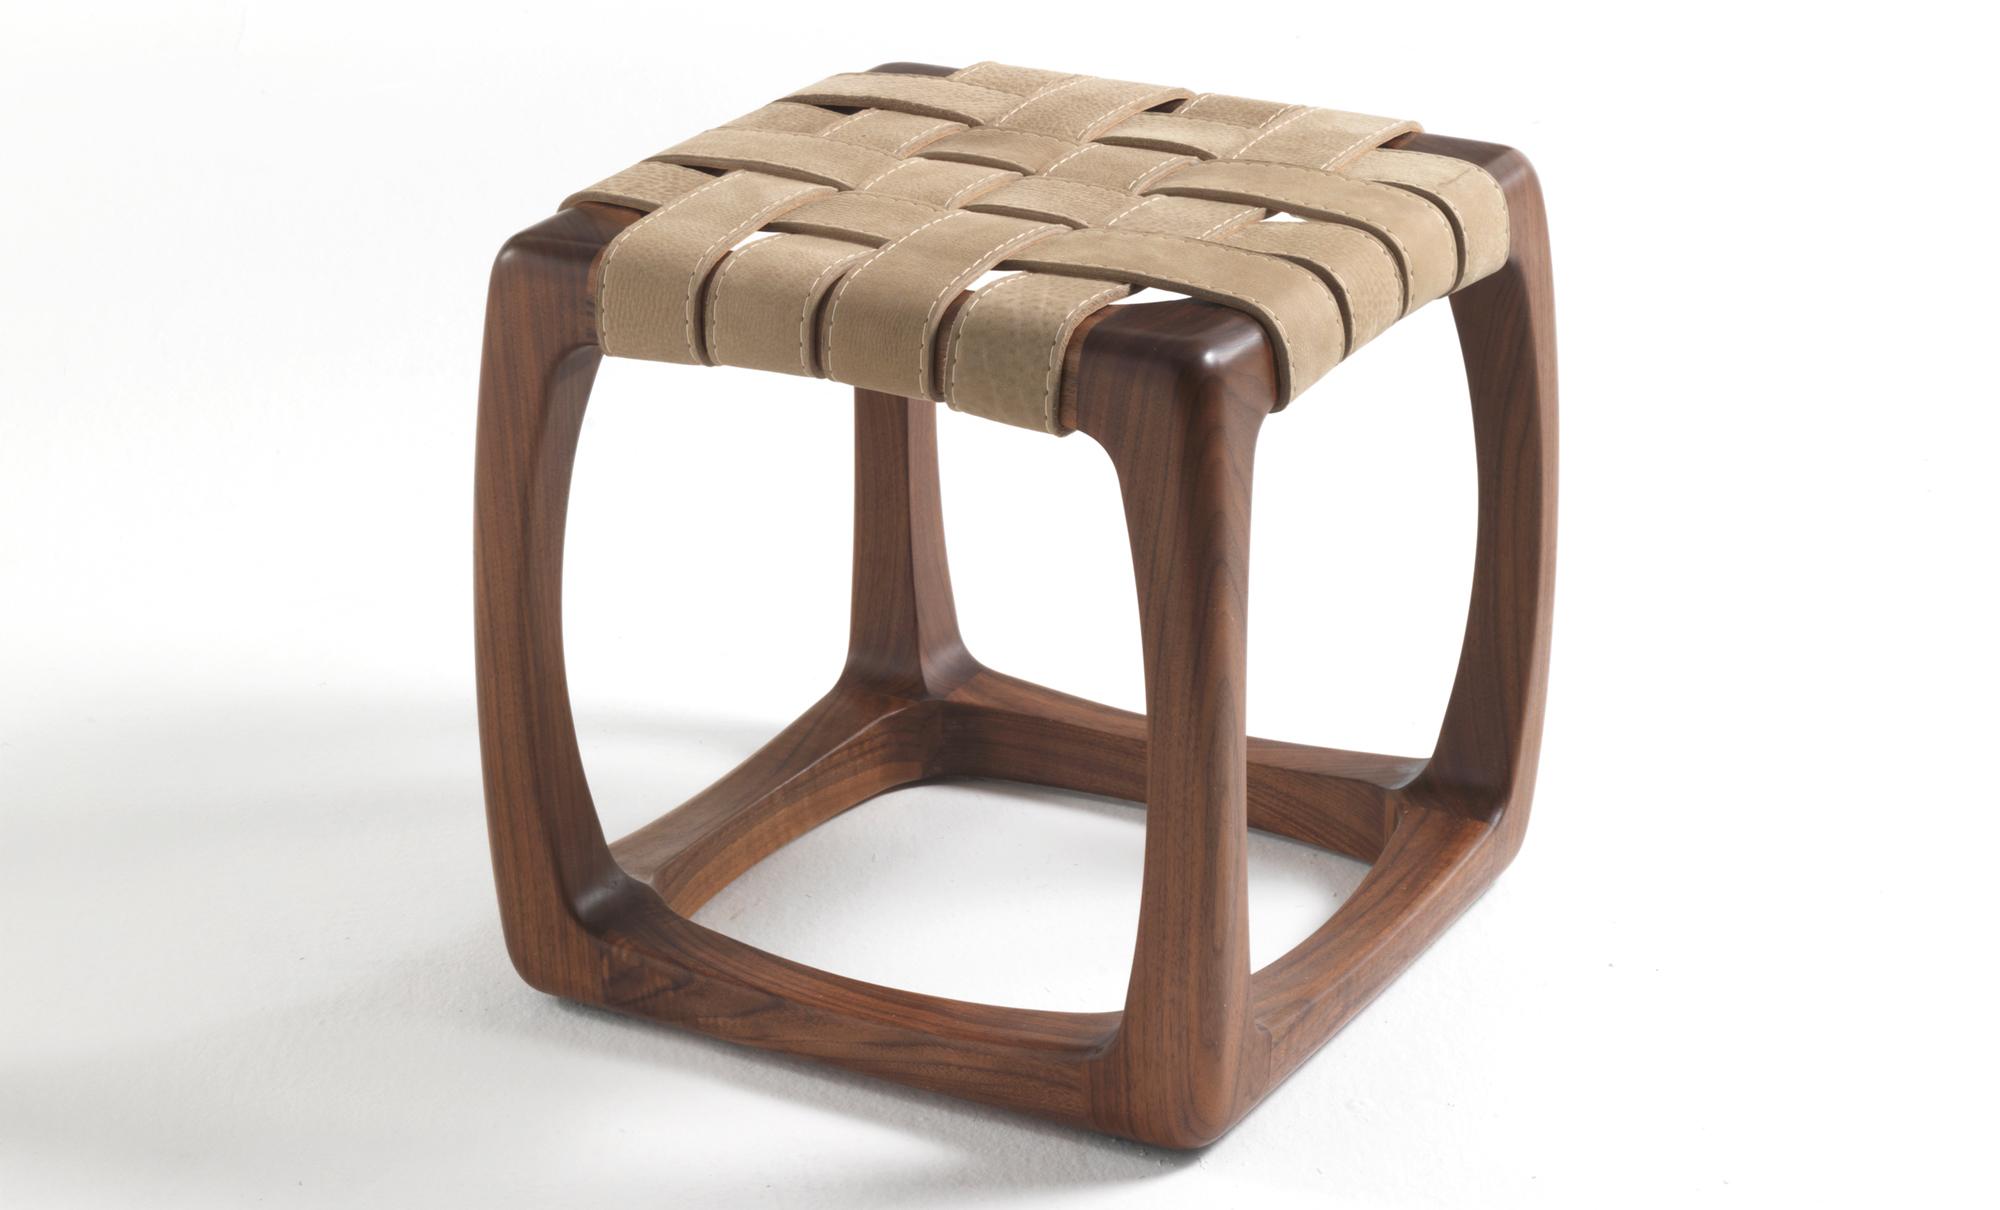 designer stools sydney melbourne kitchen dining room bungalow stool